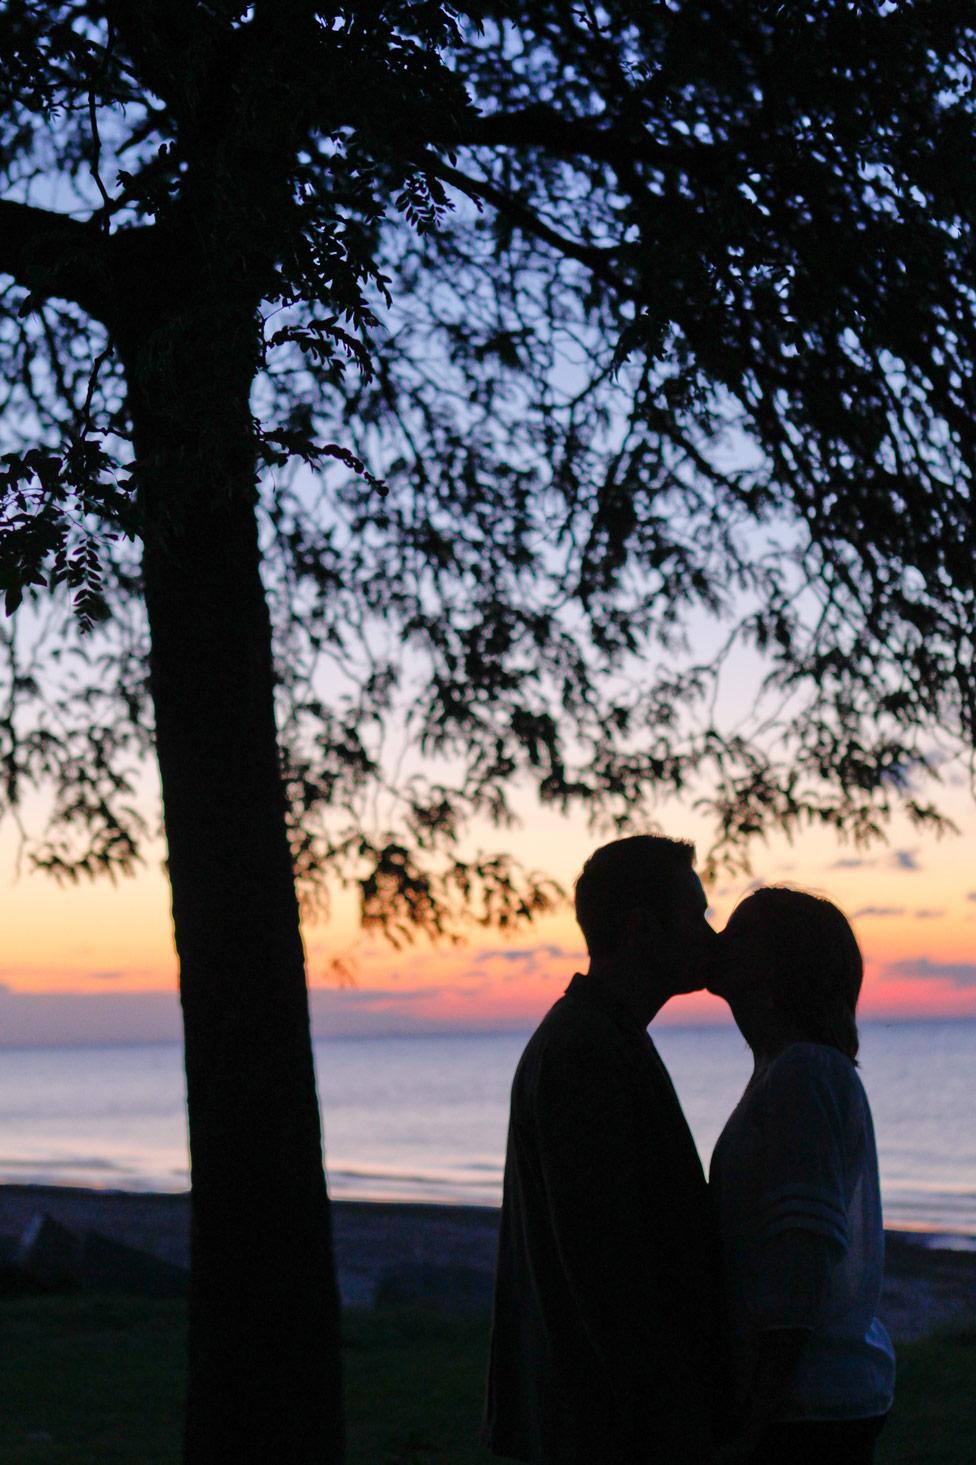 jamaica-milwaukee-destination-wedding-ruthie-hauge-photography-06.jpg